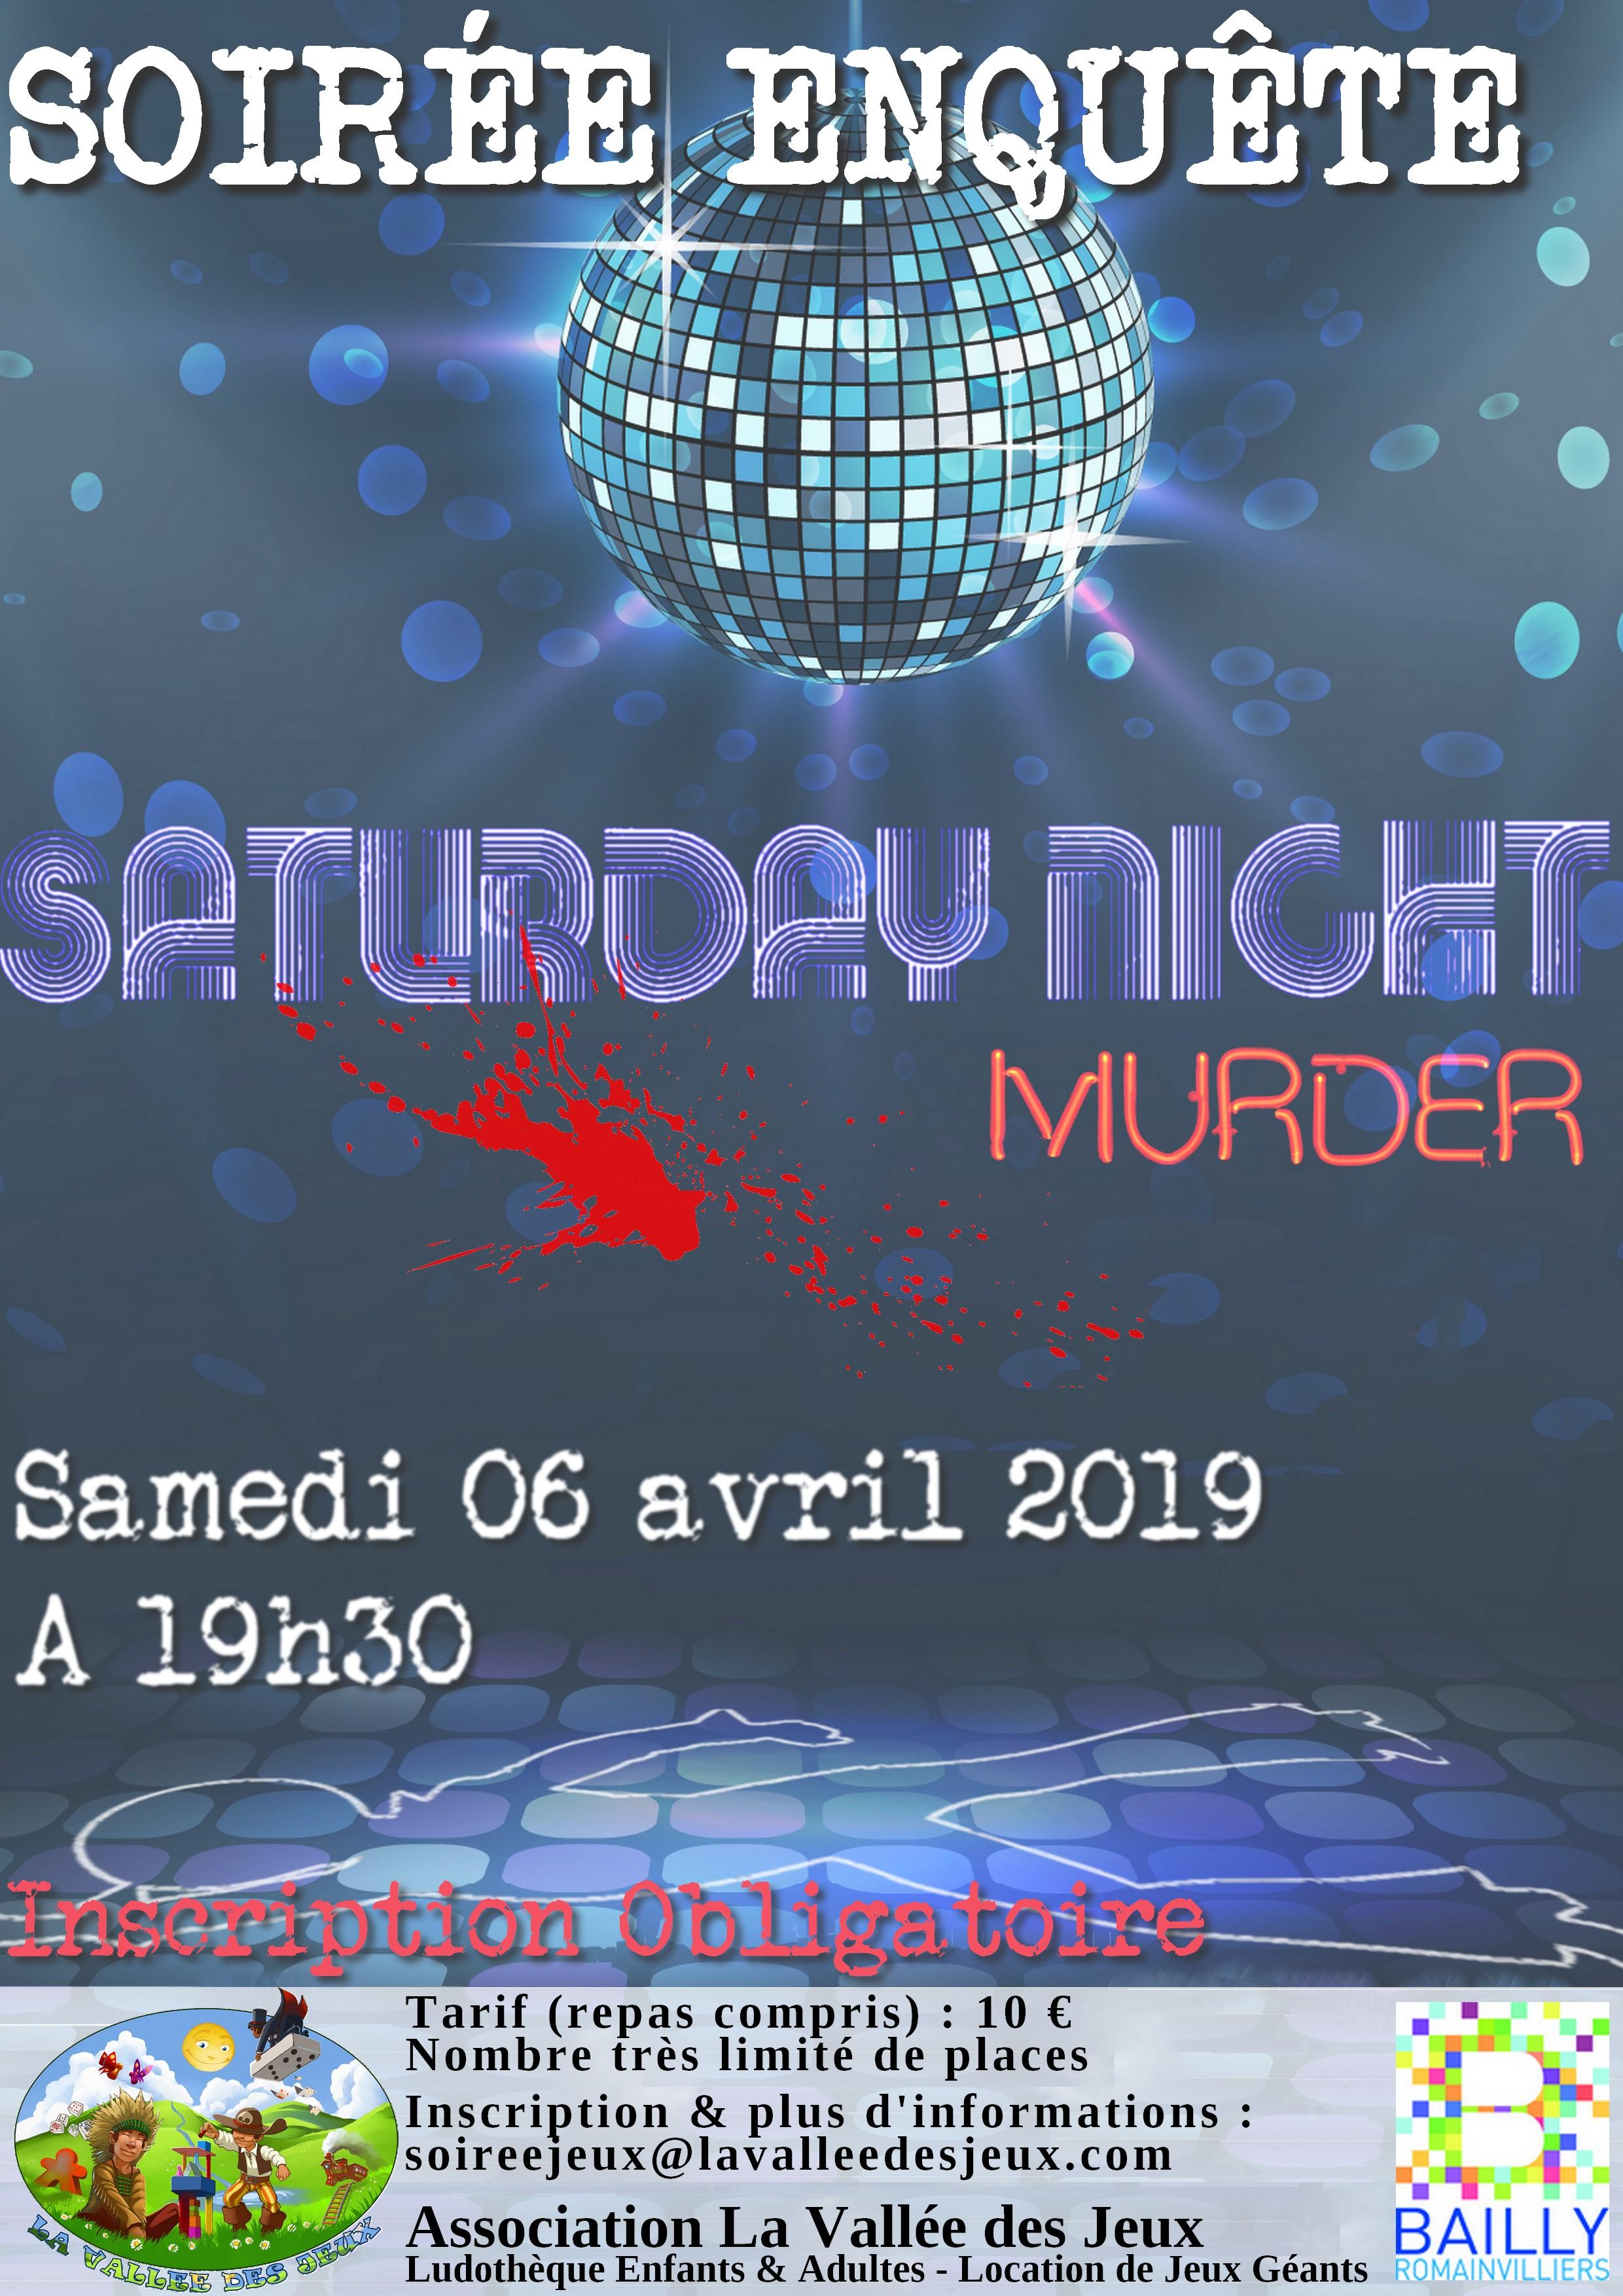 Soirée enquête : Saturday Night Murder @ Ludothèque La vallée des jeux